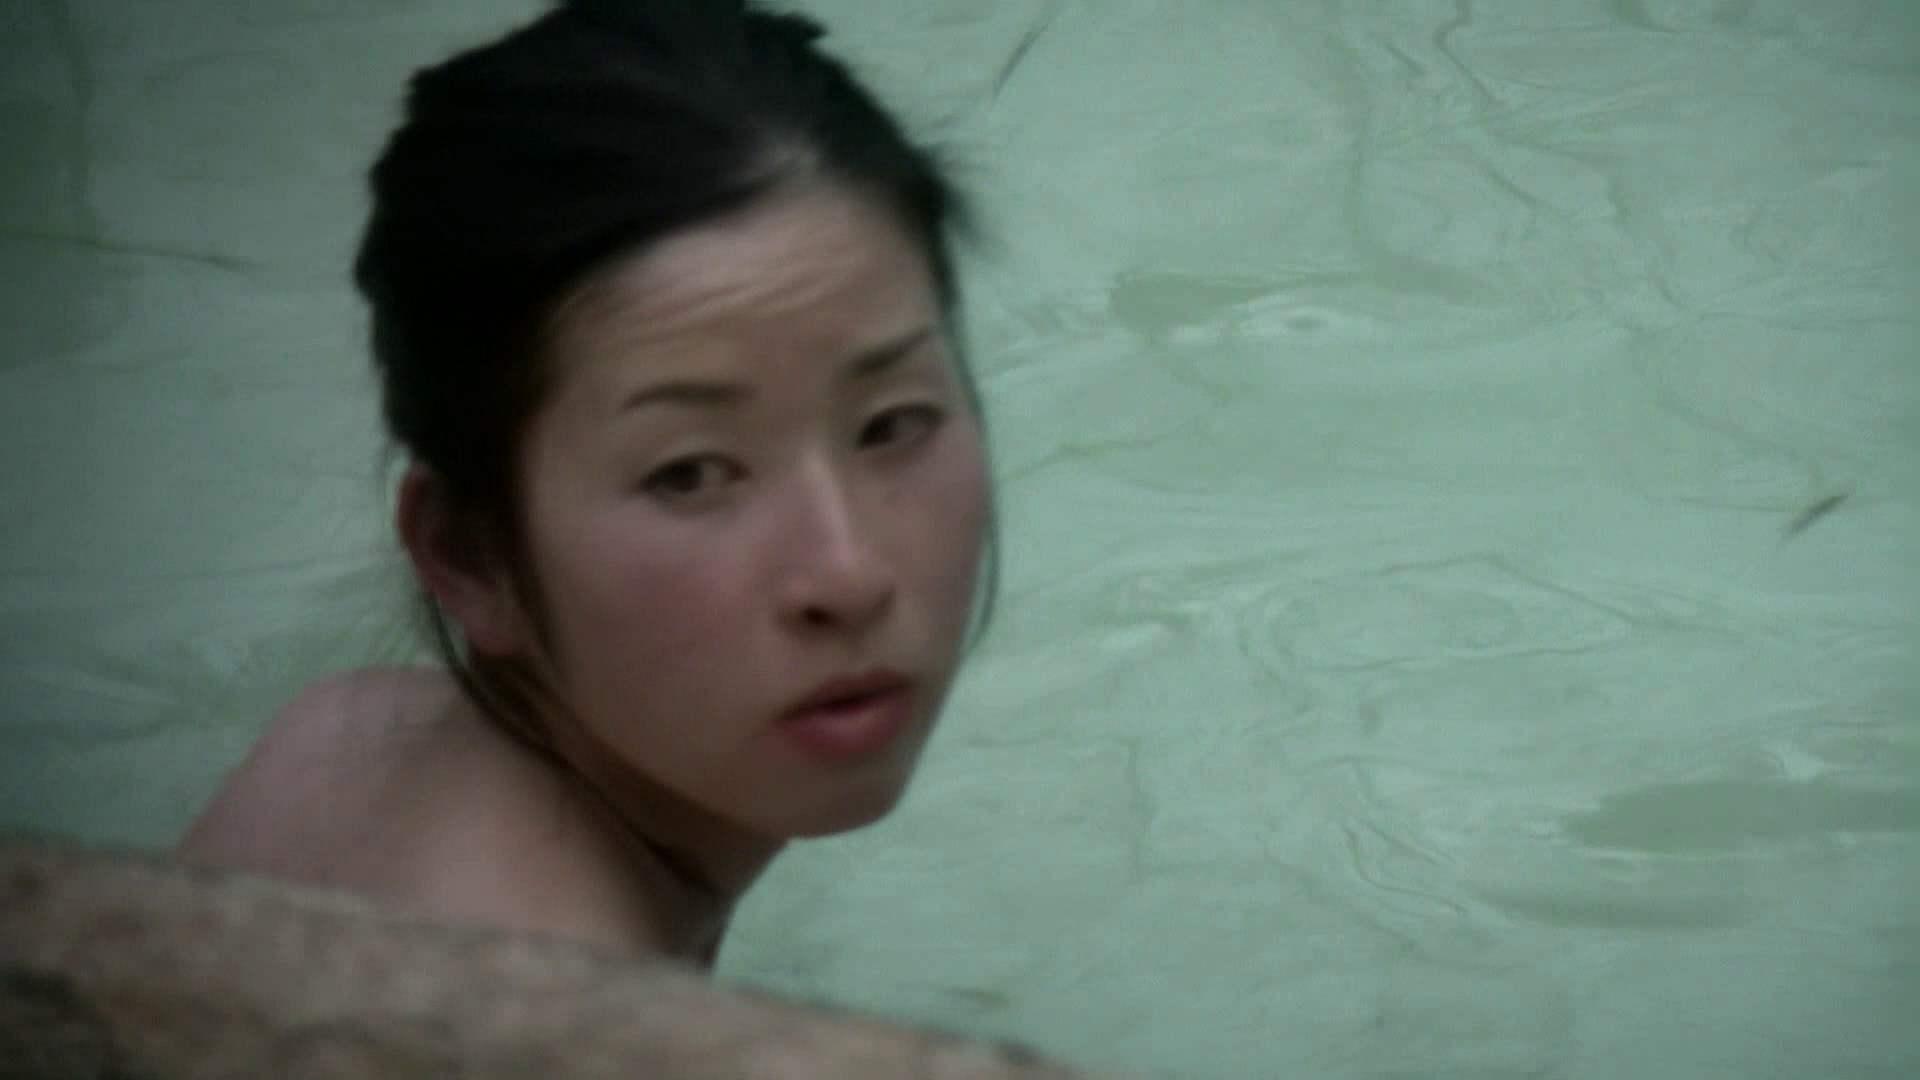 Aquaな露天風呂Vol.656 OL  49pic 15